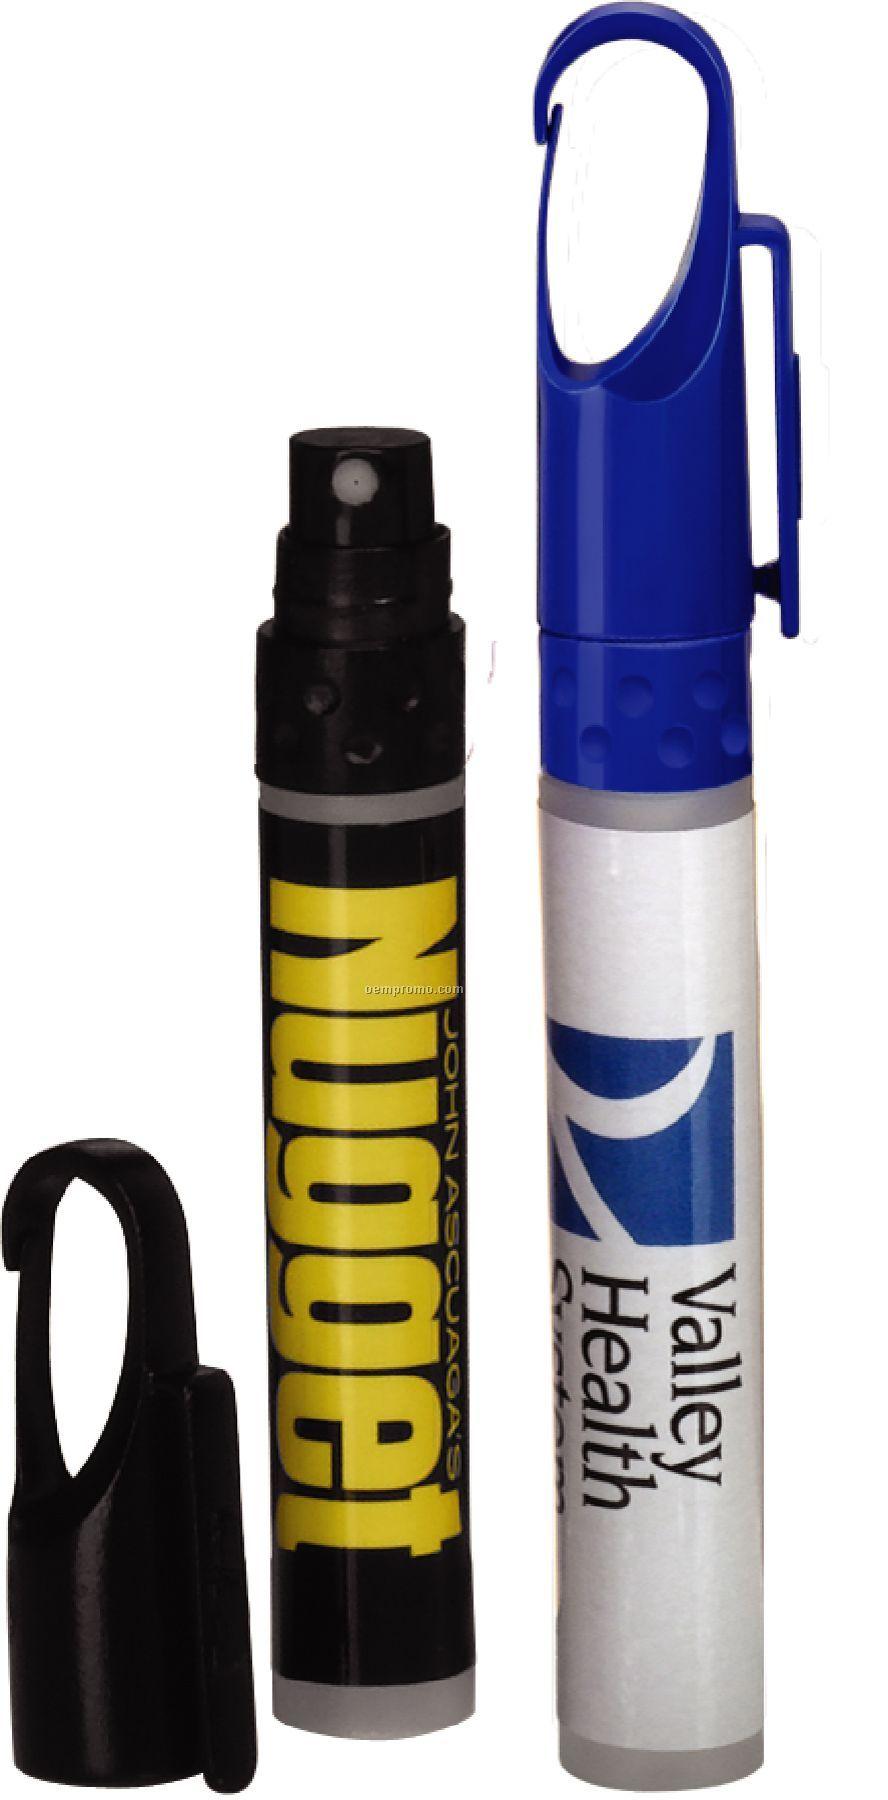 10 Ml. Cleanz Pen Hand Sanitizer - Next Day Service